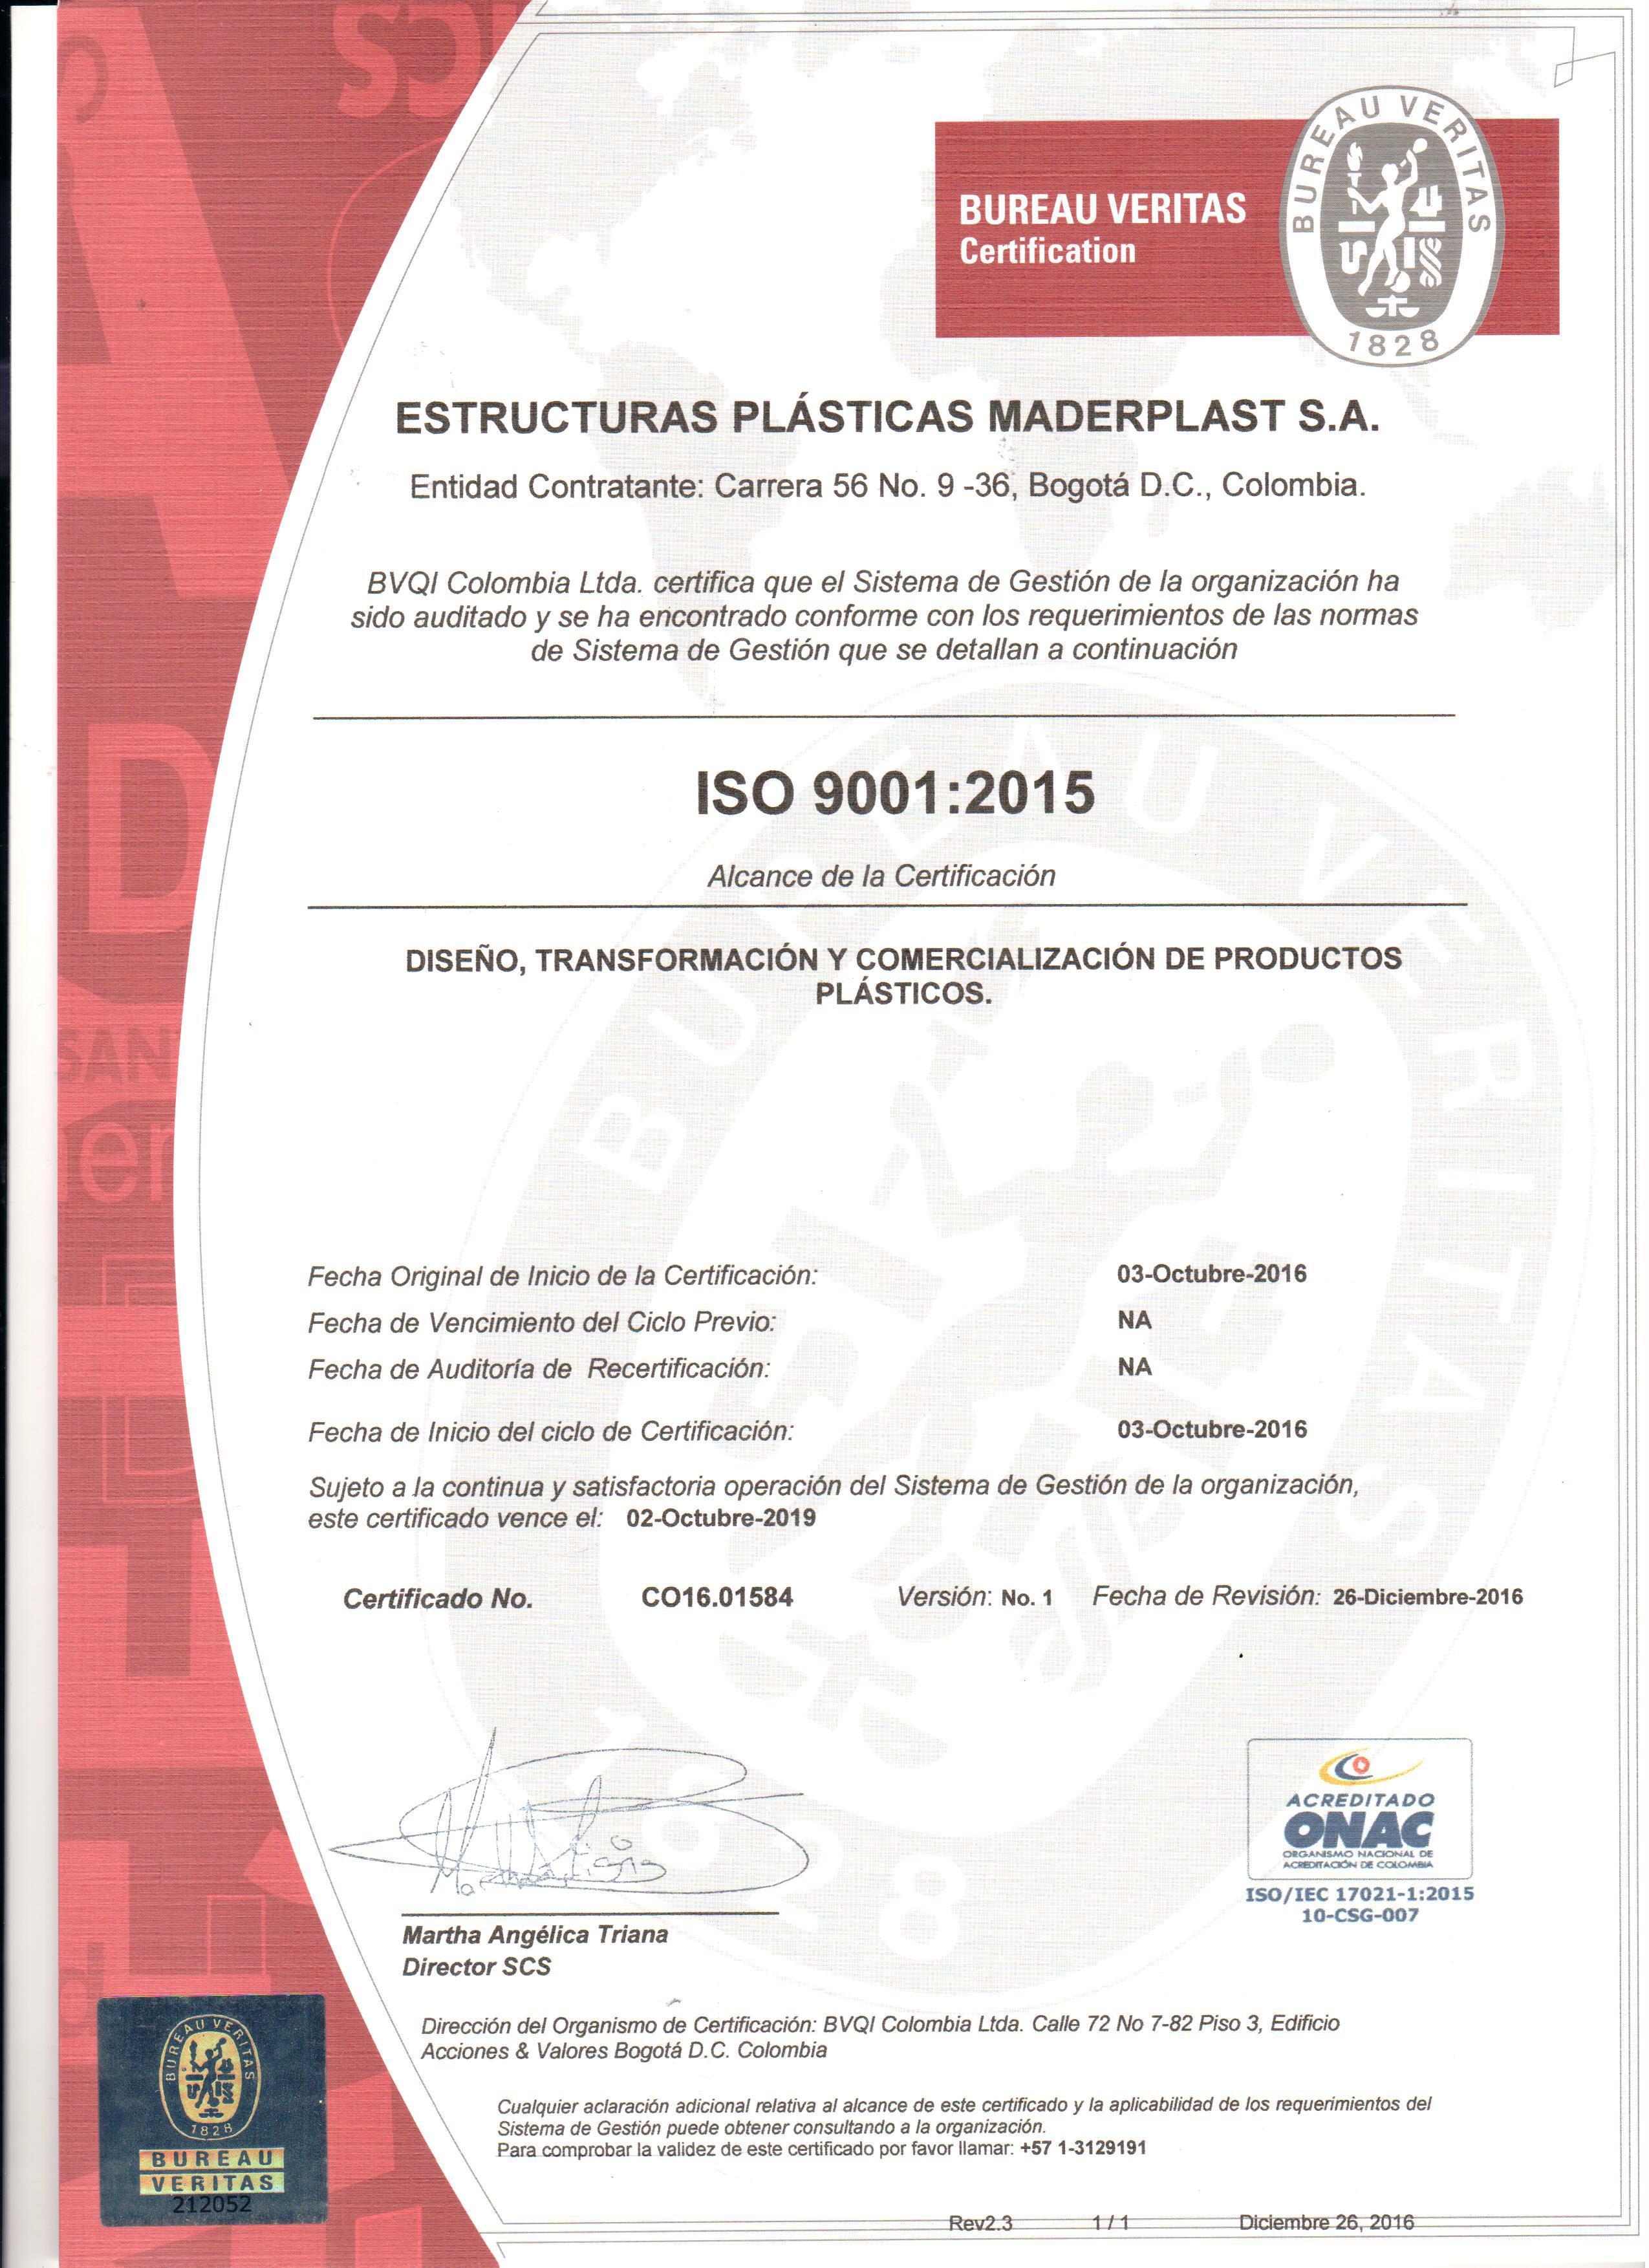 CERTIFICADOS DE CALIDAD ISO 9001 DISEÑO Y DESARROLLO DE PRODUCTOS